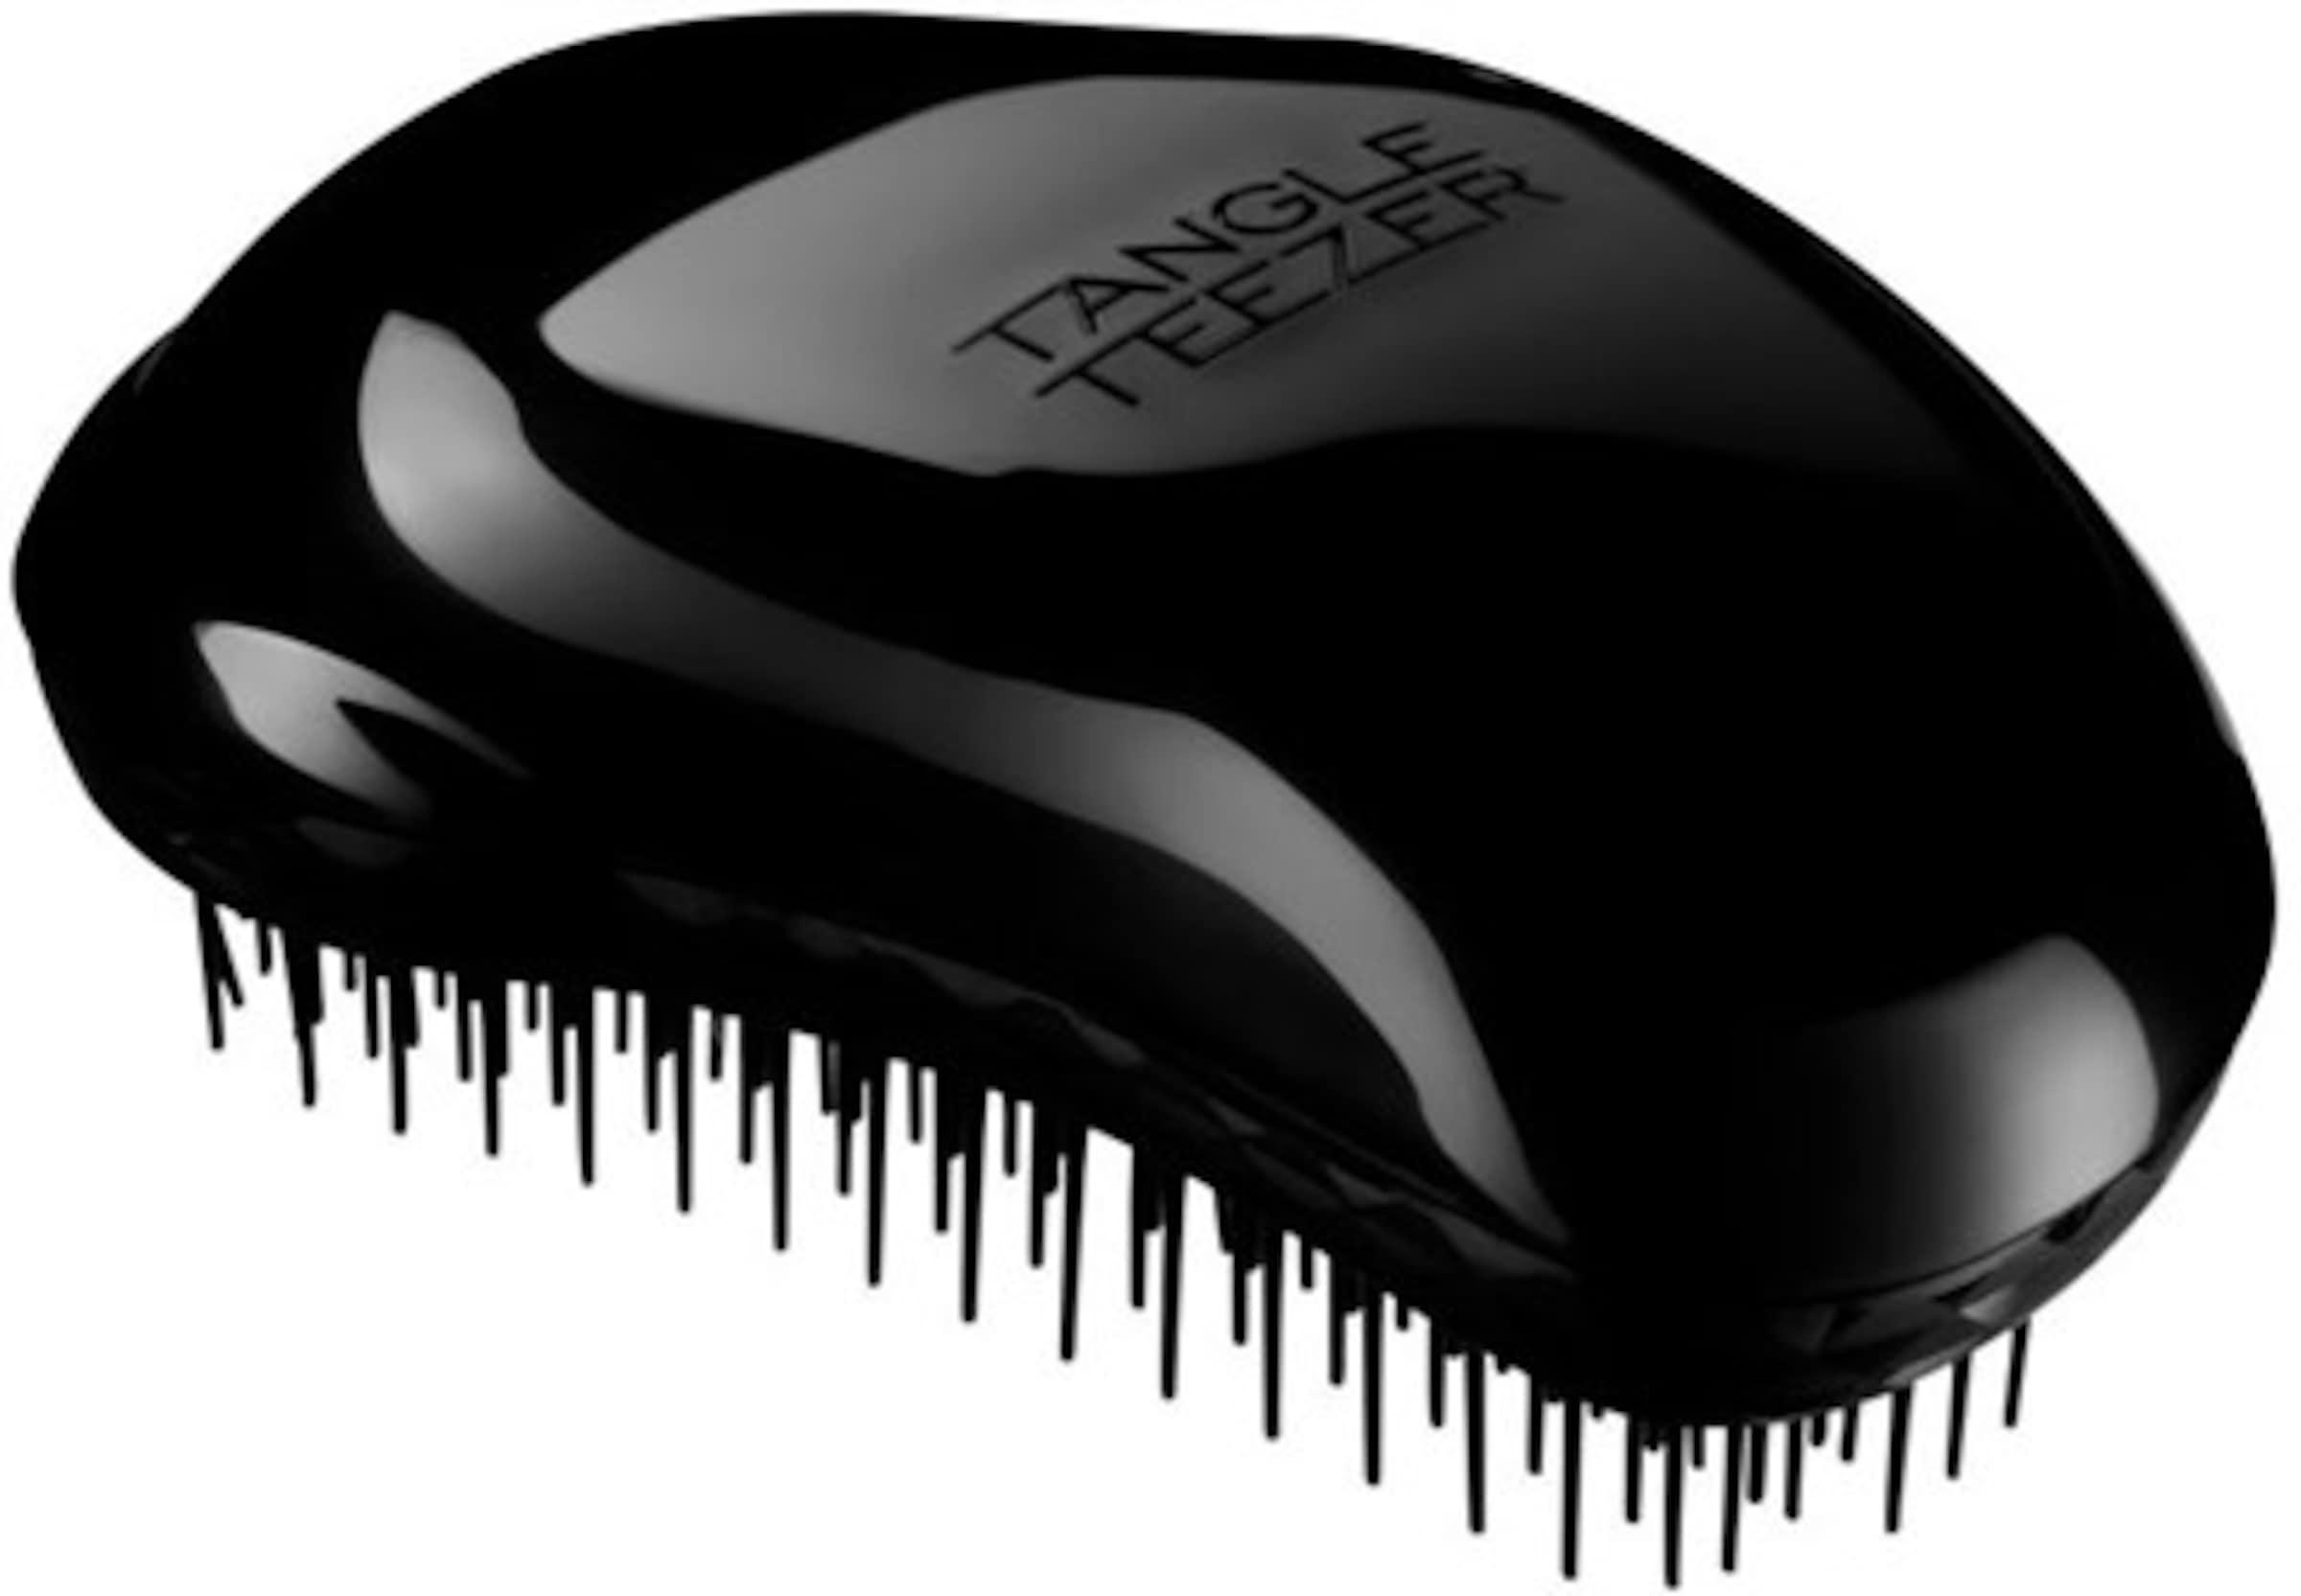 TANGLE der Entknoten TANGLE TEEZER Original' Haare Haarb眉rste zum 'The TEEZER 8RxqrwZT08